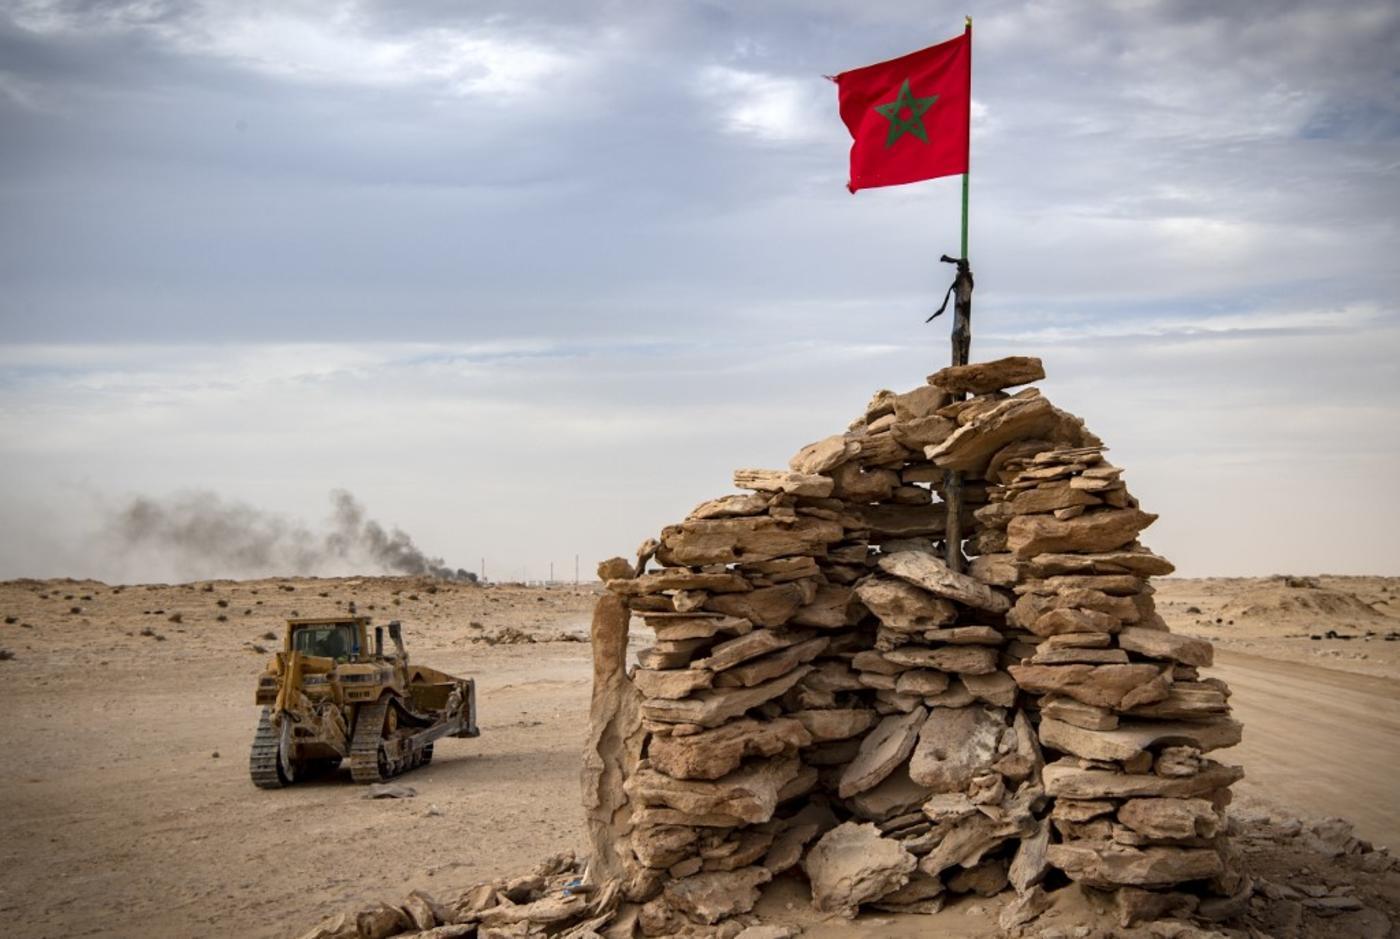 Colline tenue par des soldats marocains sur une route entre le Maroc et la Mauritanie à Guerguerat, au Sahara occidental, le 23 novembre 2020, après l'intervention des forces armées royales marocaines dans la région (AFP)